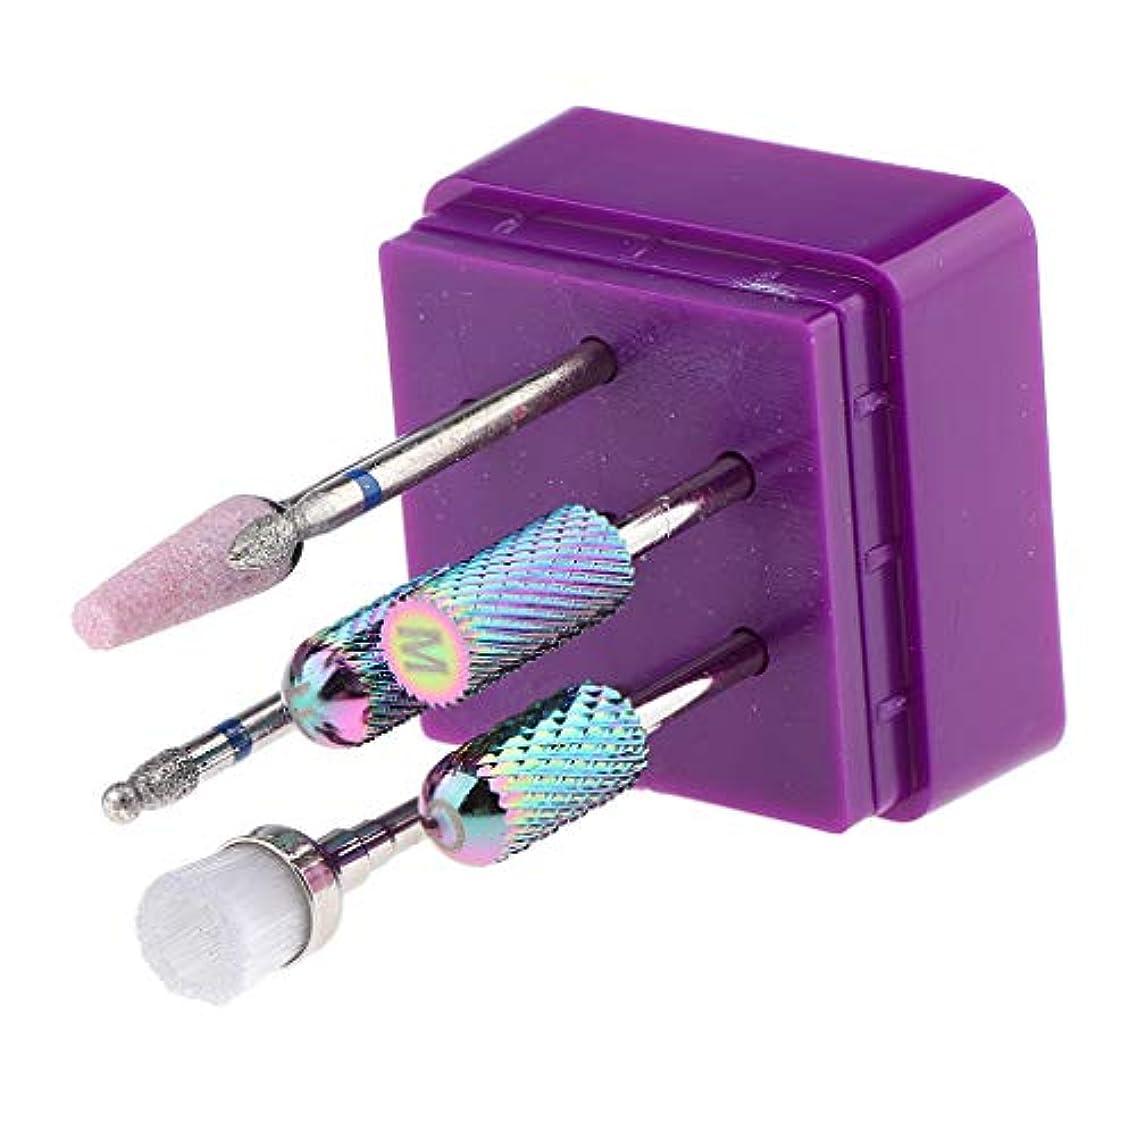 Tachiuwa ネイルドリル 電動 研削ヘッド ドリルビット ネイルドリルビットセット 爪磨き ネイルケアツール 7個入り